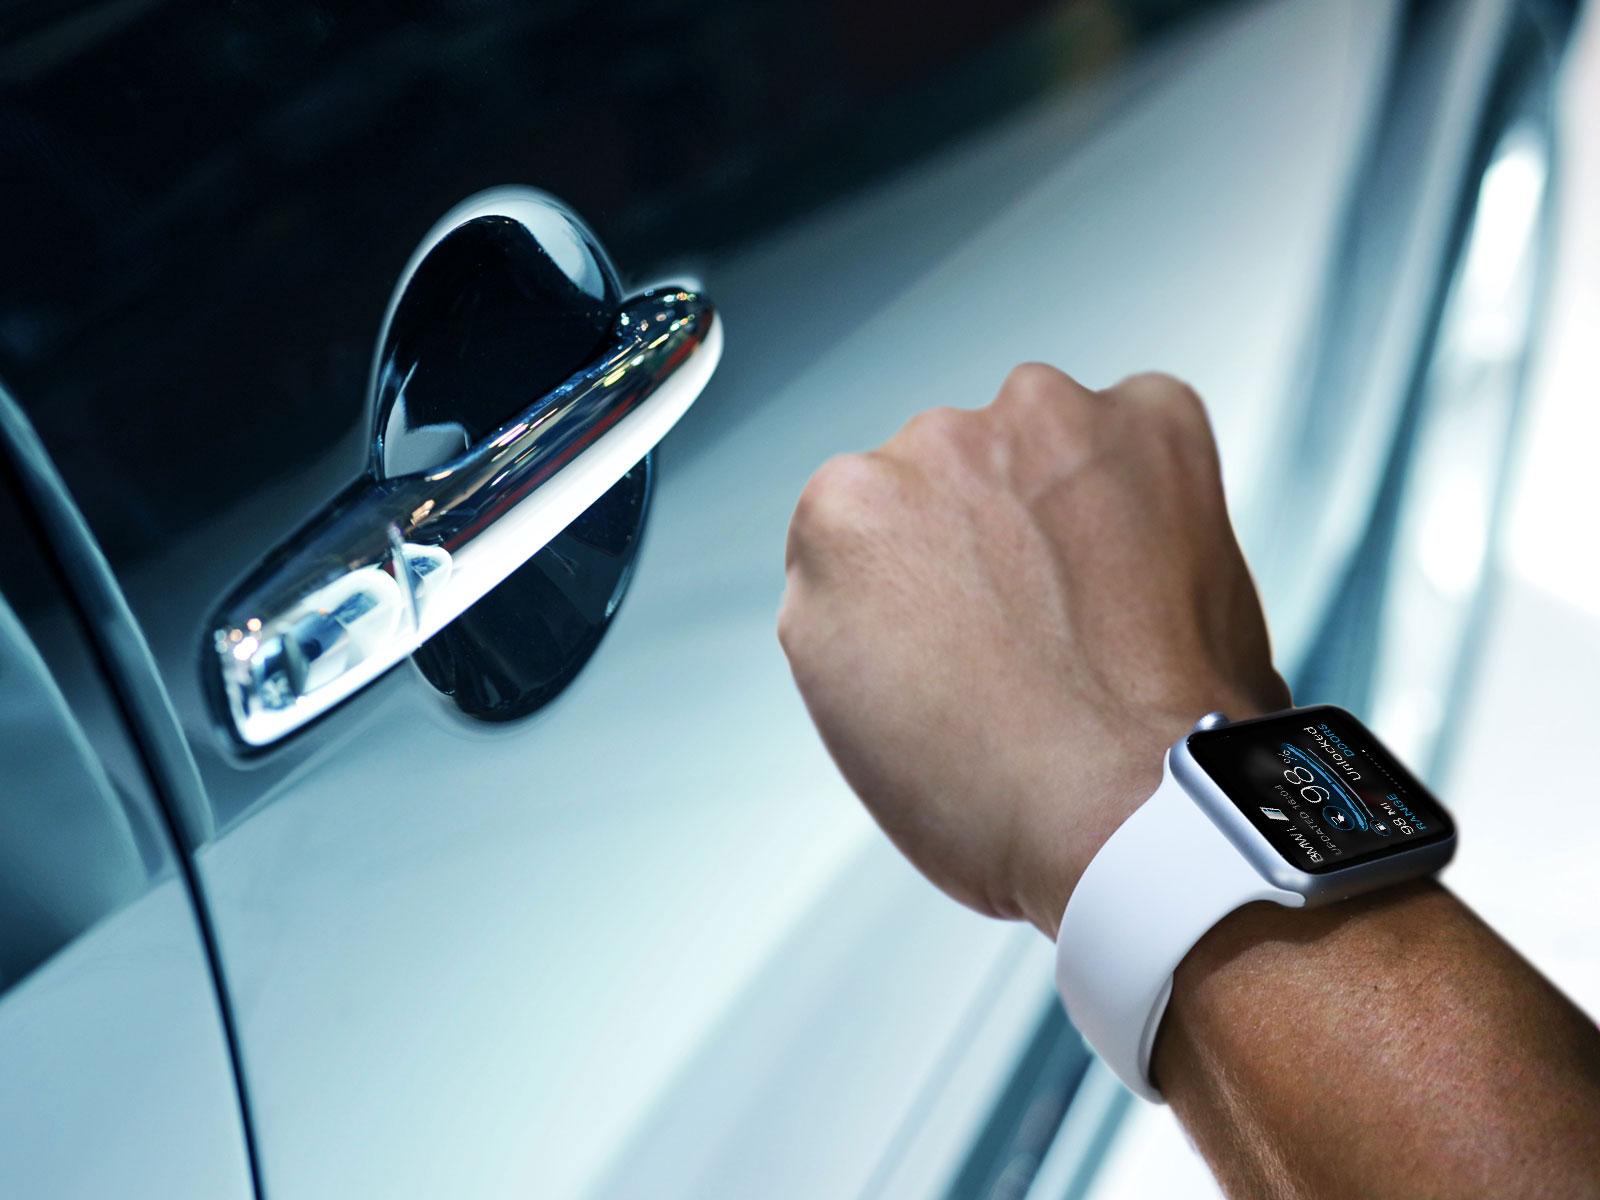 apple-watch-unlock-bmw-1